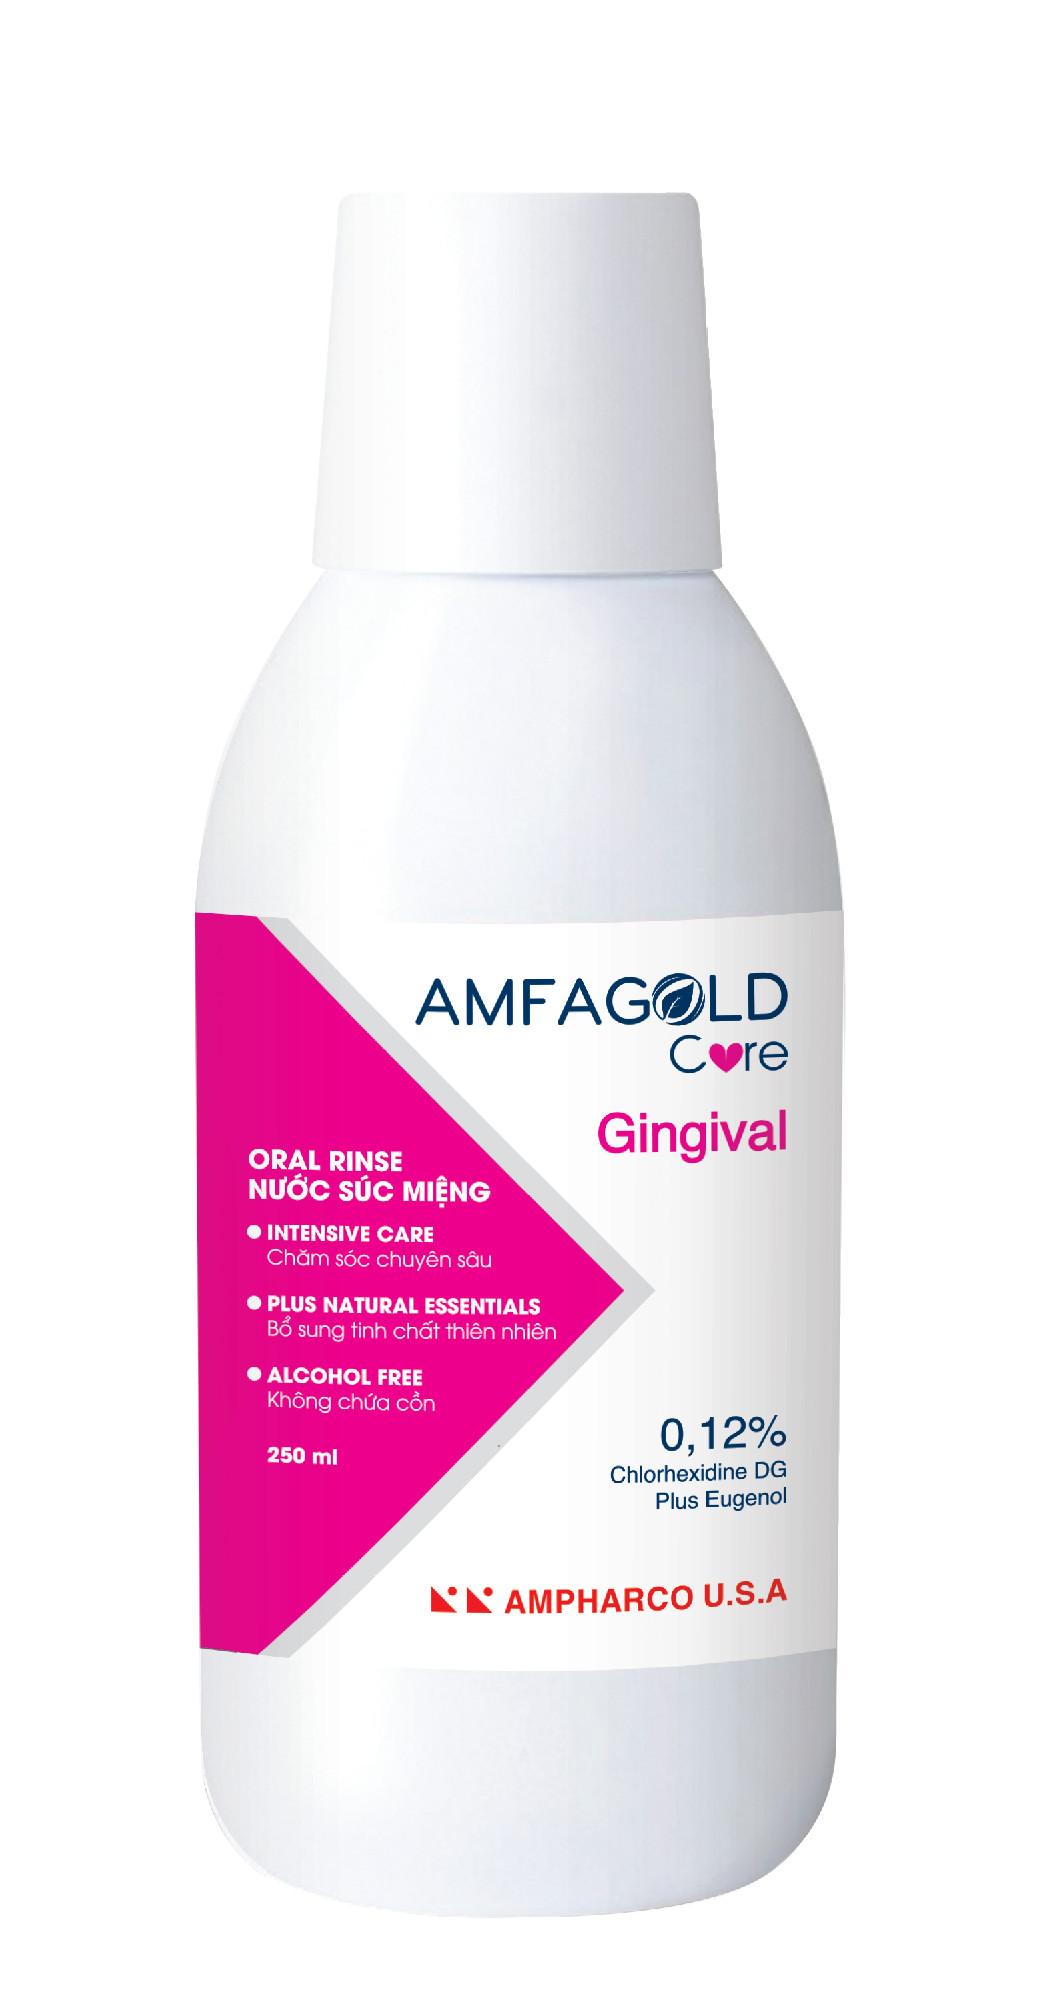 Nước Súc Miệng Chăm Sóc Chuyên Sâu  Amfagold Care Gingival 0.12% Chlorhexidine